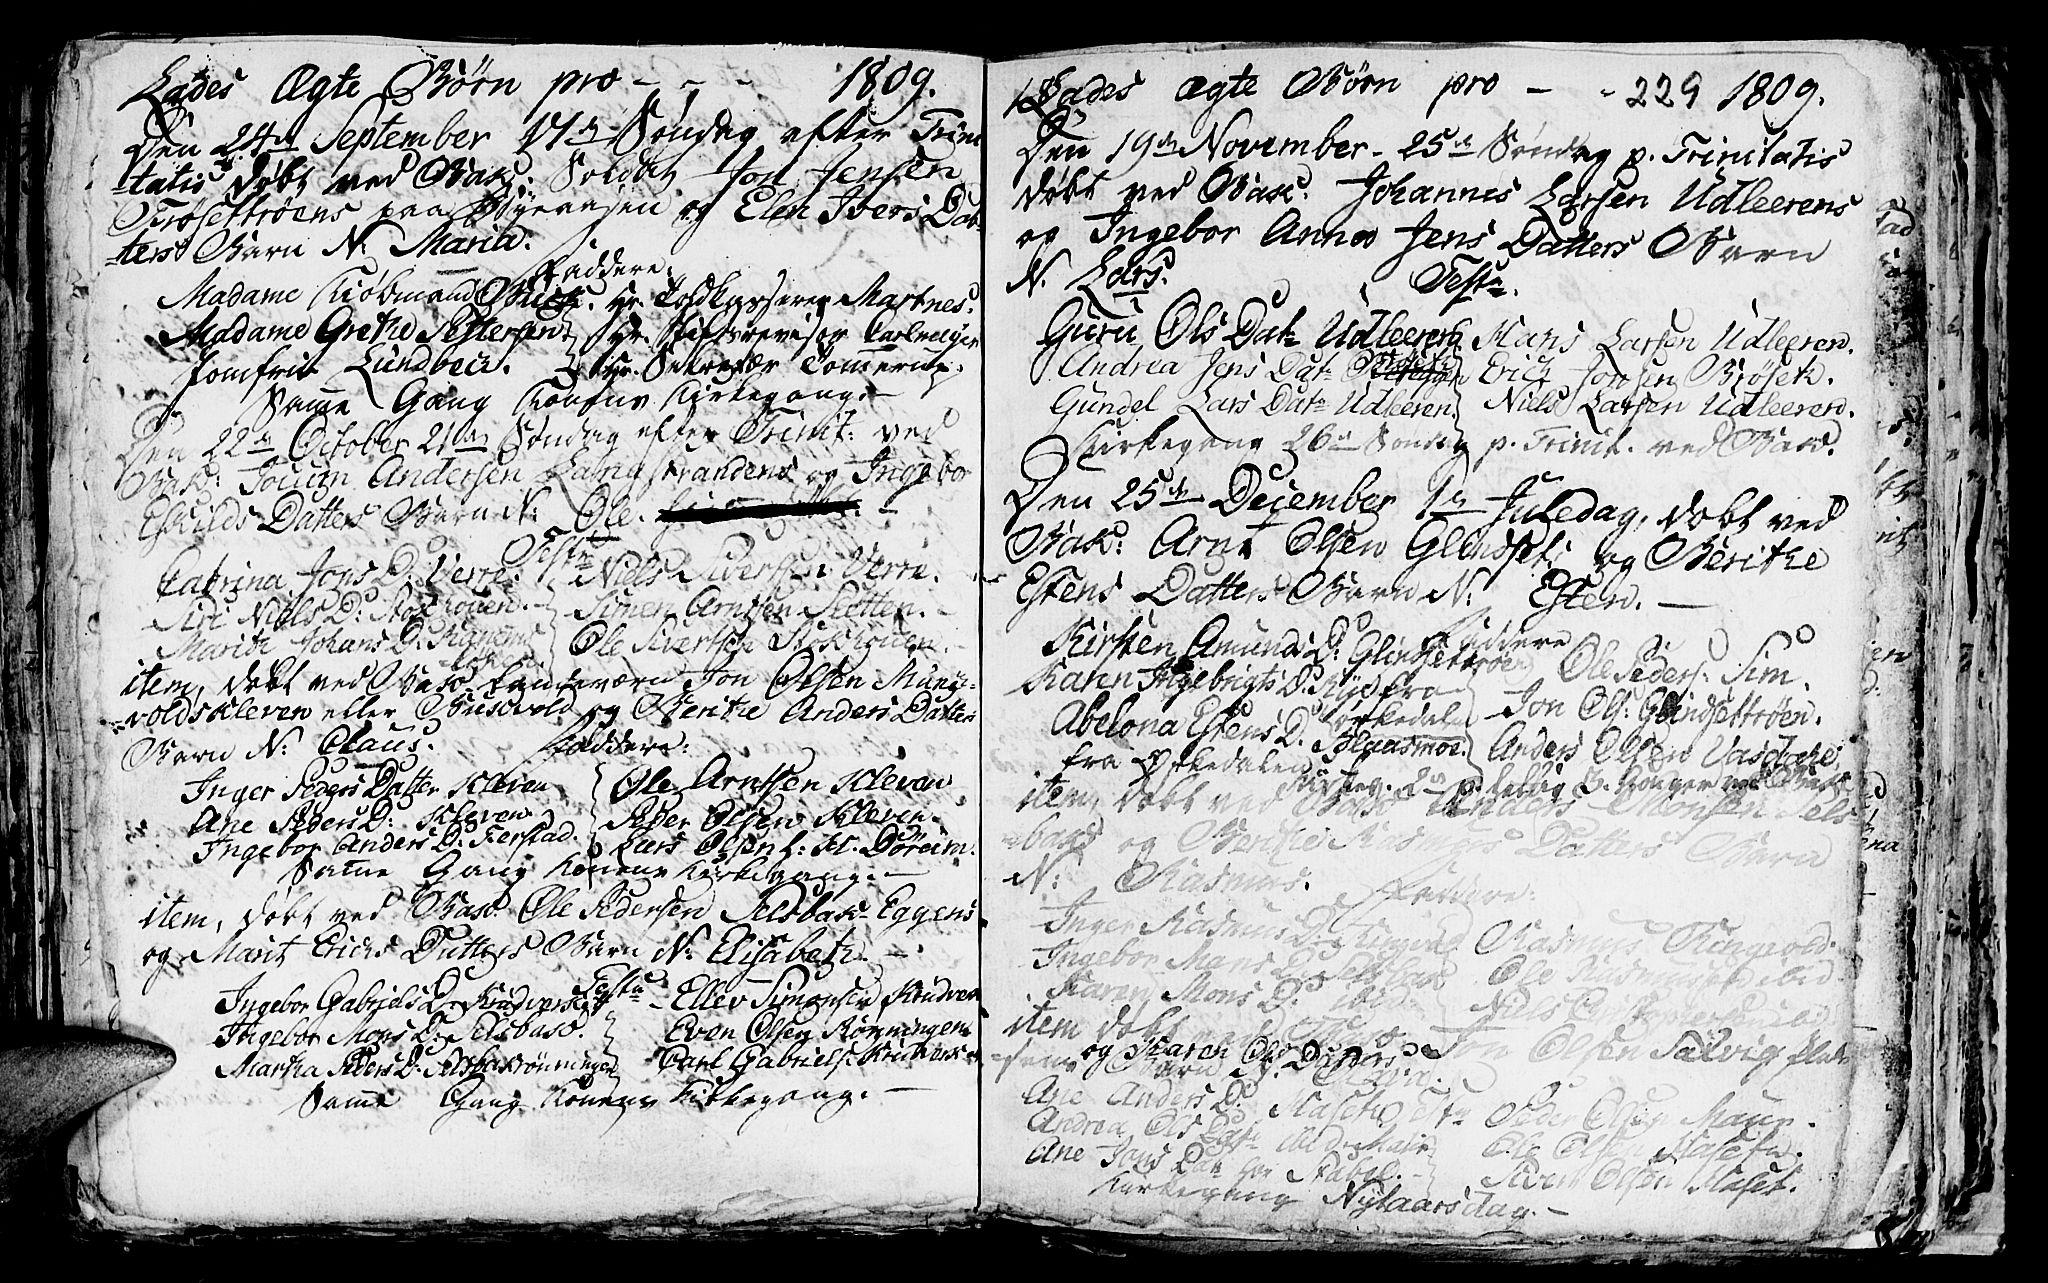 SAT, Ministerialprotokoller, klokkerbøker og fødselsregistre - Sør-Trøndelag, 606/L0305: Klokkerbok nr. 606C01, 1757-1819, s. 229